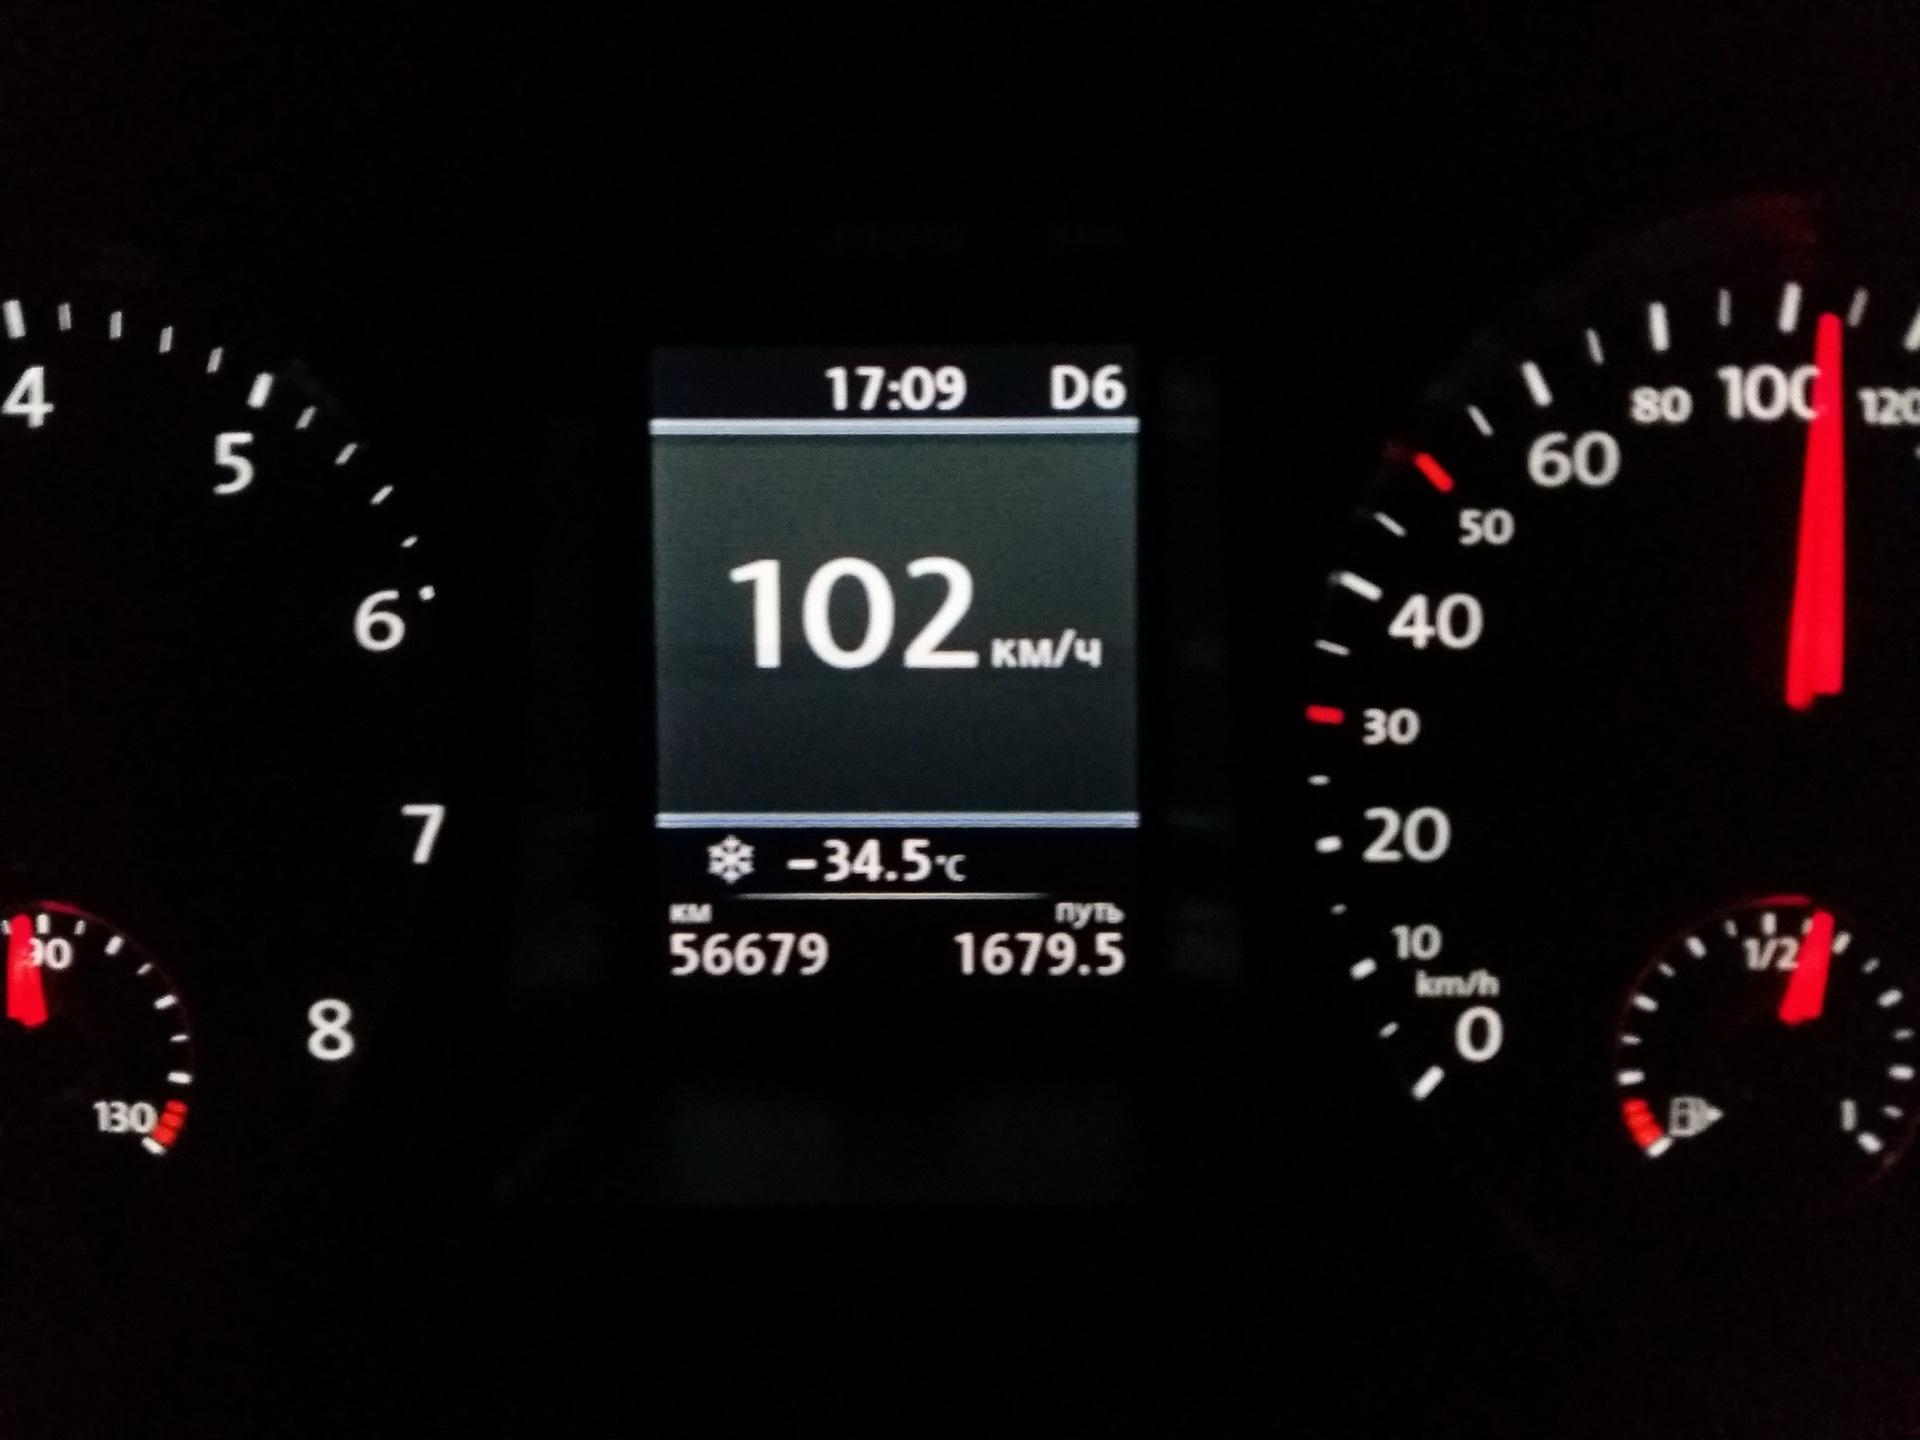 Надеюсь что это баг) — Volkswagen Passat, 1 8 л , 2012 года на DRIVE2